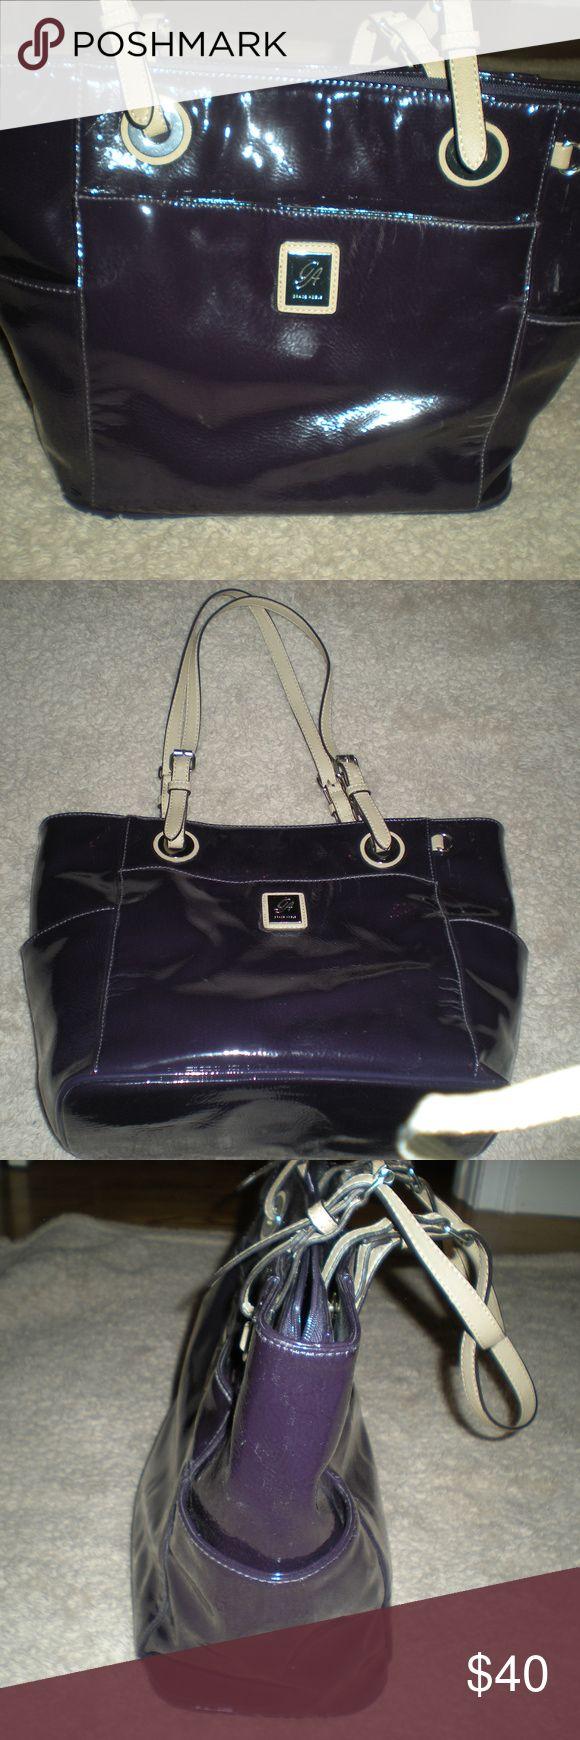 """Grace Adele Purple Shoulder Bag Grace Adele Purple Shoulder Bag.  Gently used.  Three exterior slip pockets.  Two interior slips pockets.  Two interior snap closure pockets.  Center divider with zip closure.  Adjustable shoulder straps.  Approximately 12""""W x 10""""H x 6""""D. Grace Adele Bags Shoulder Bags"""